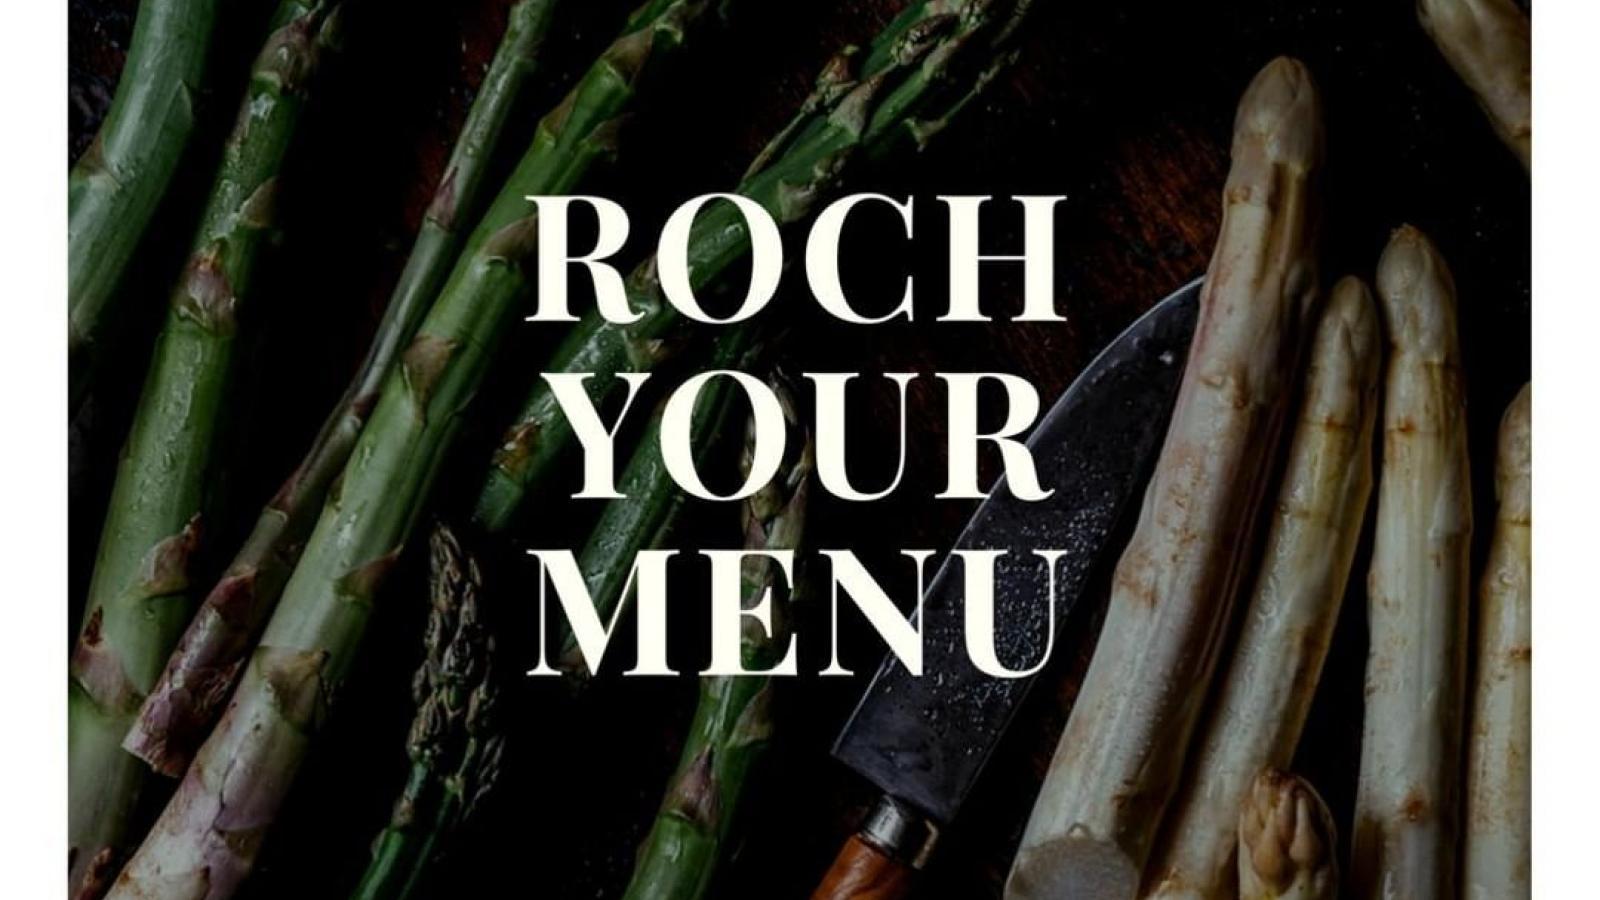 Roch your menu !